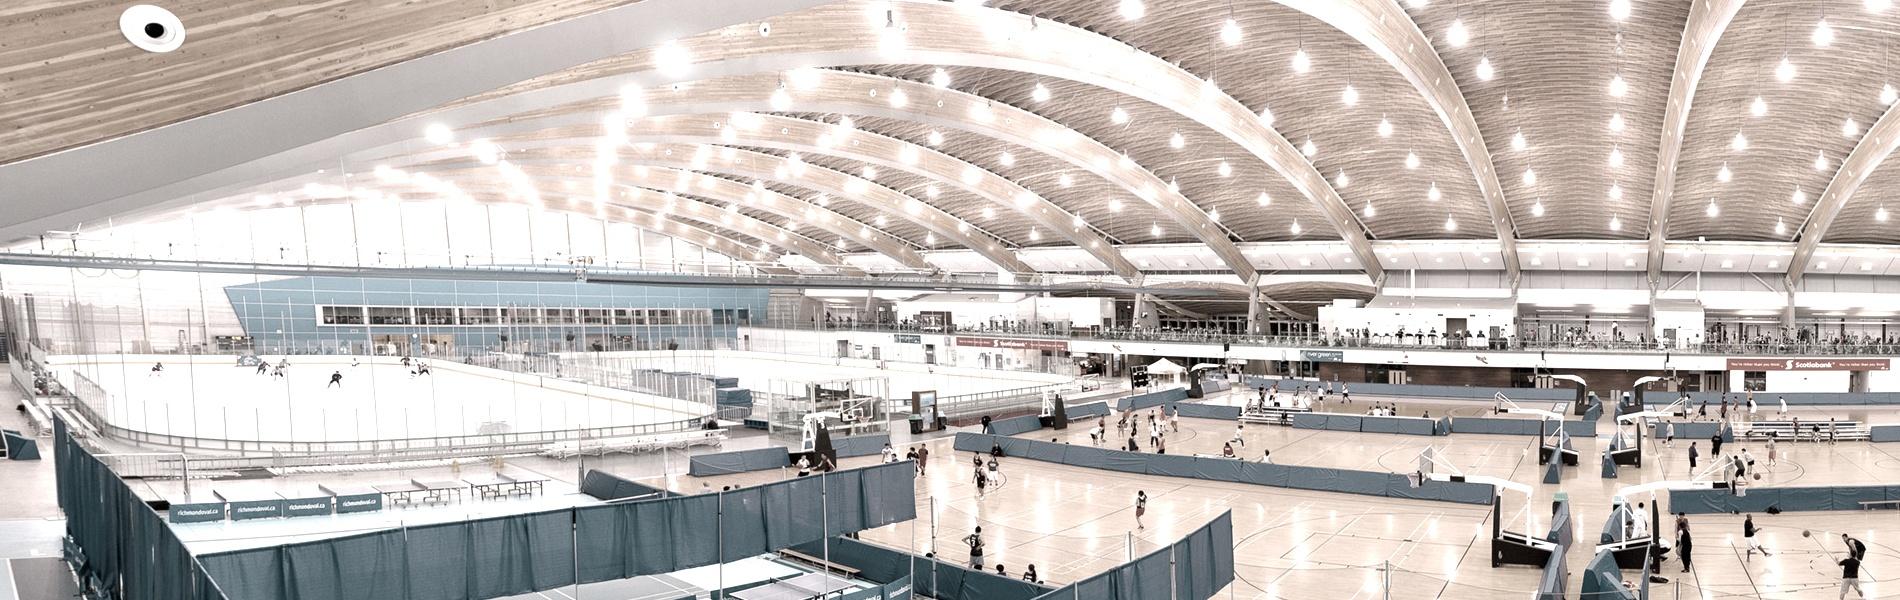 Building-a-World-Class-Olympic-Facility--Inside-the-Richmond-Oval-1900x600.jpg